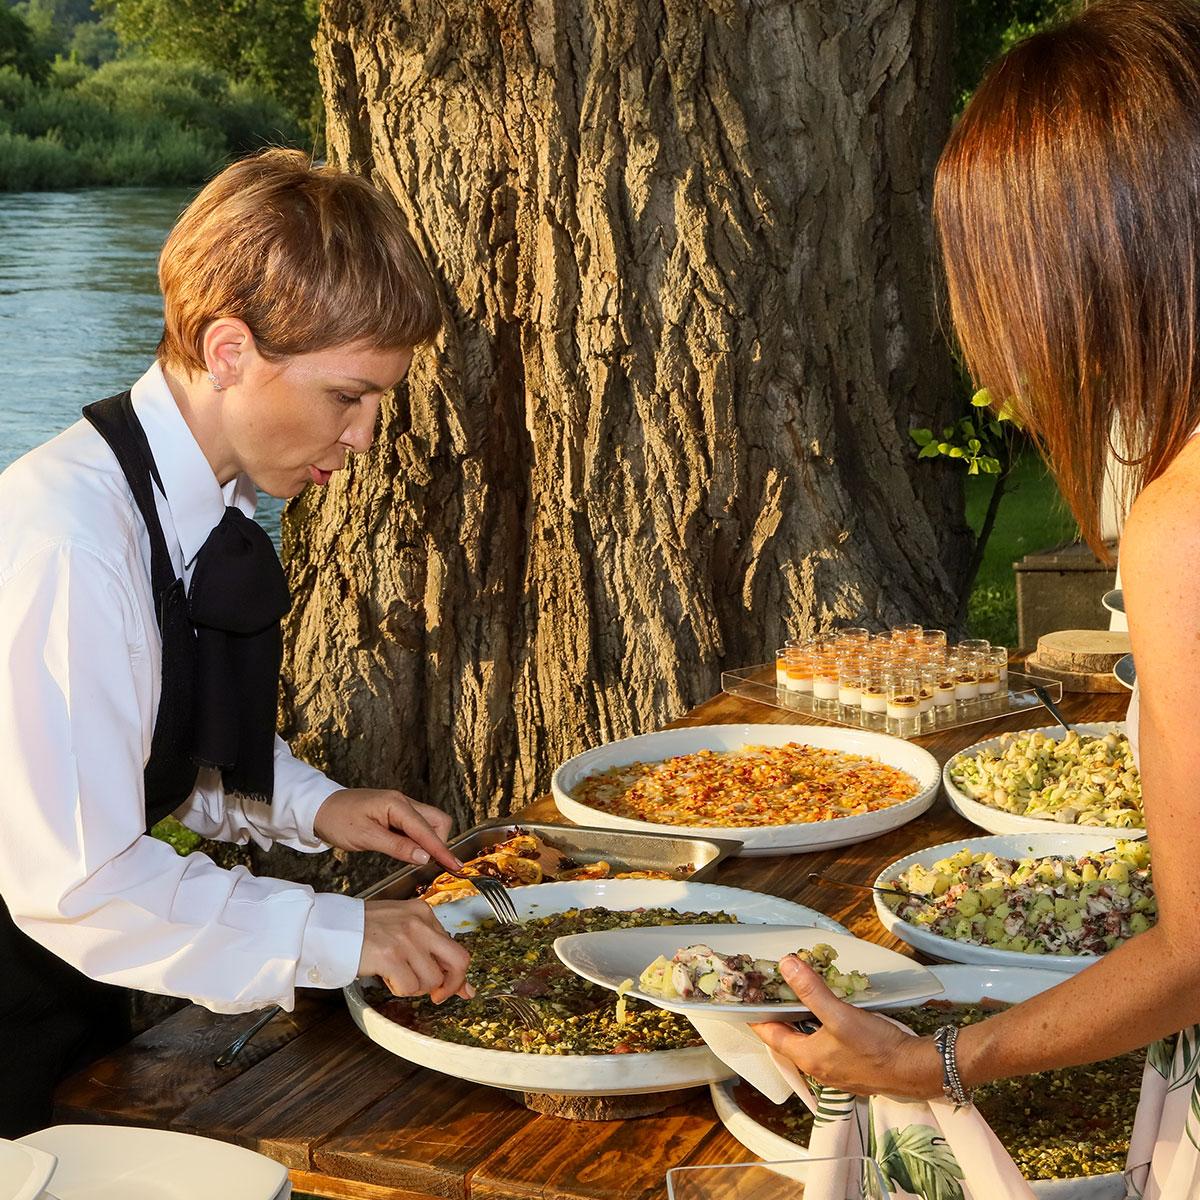 Servizio catering professionale | Negriricevimenti.com